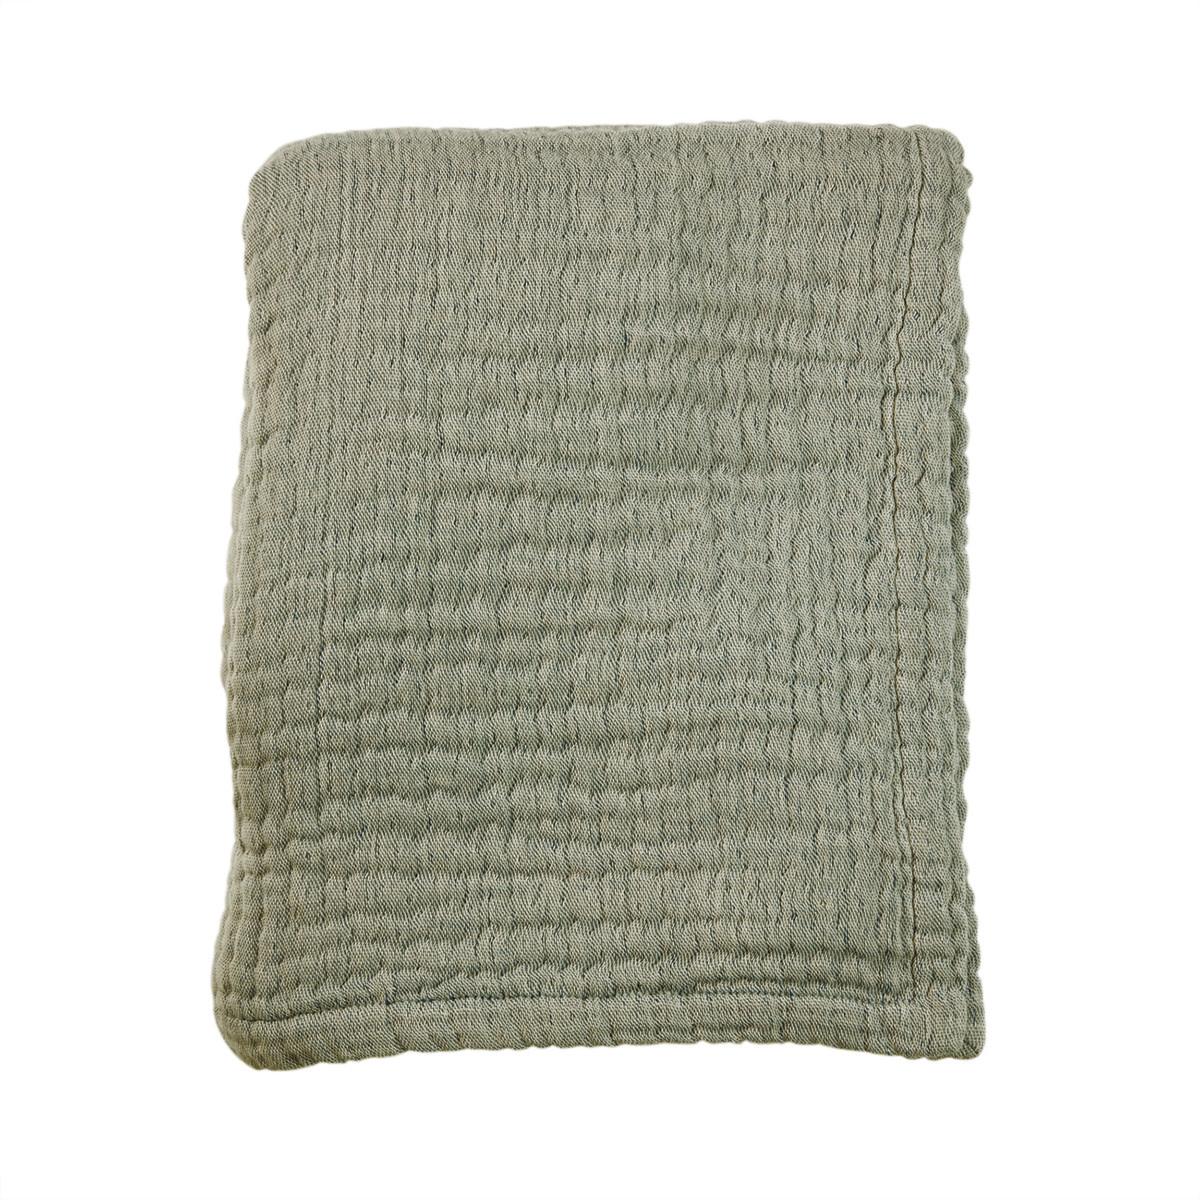 Mies & Co wieg deken mousseline thyme green-1